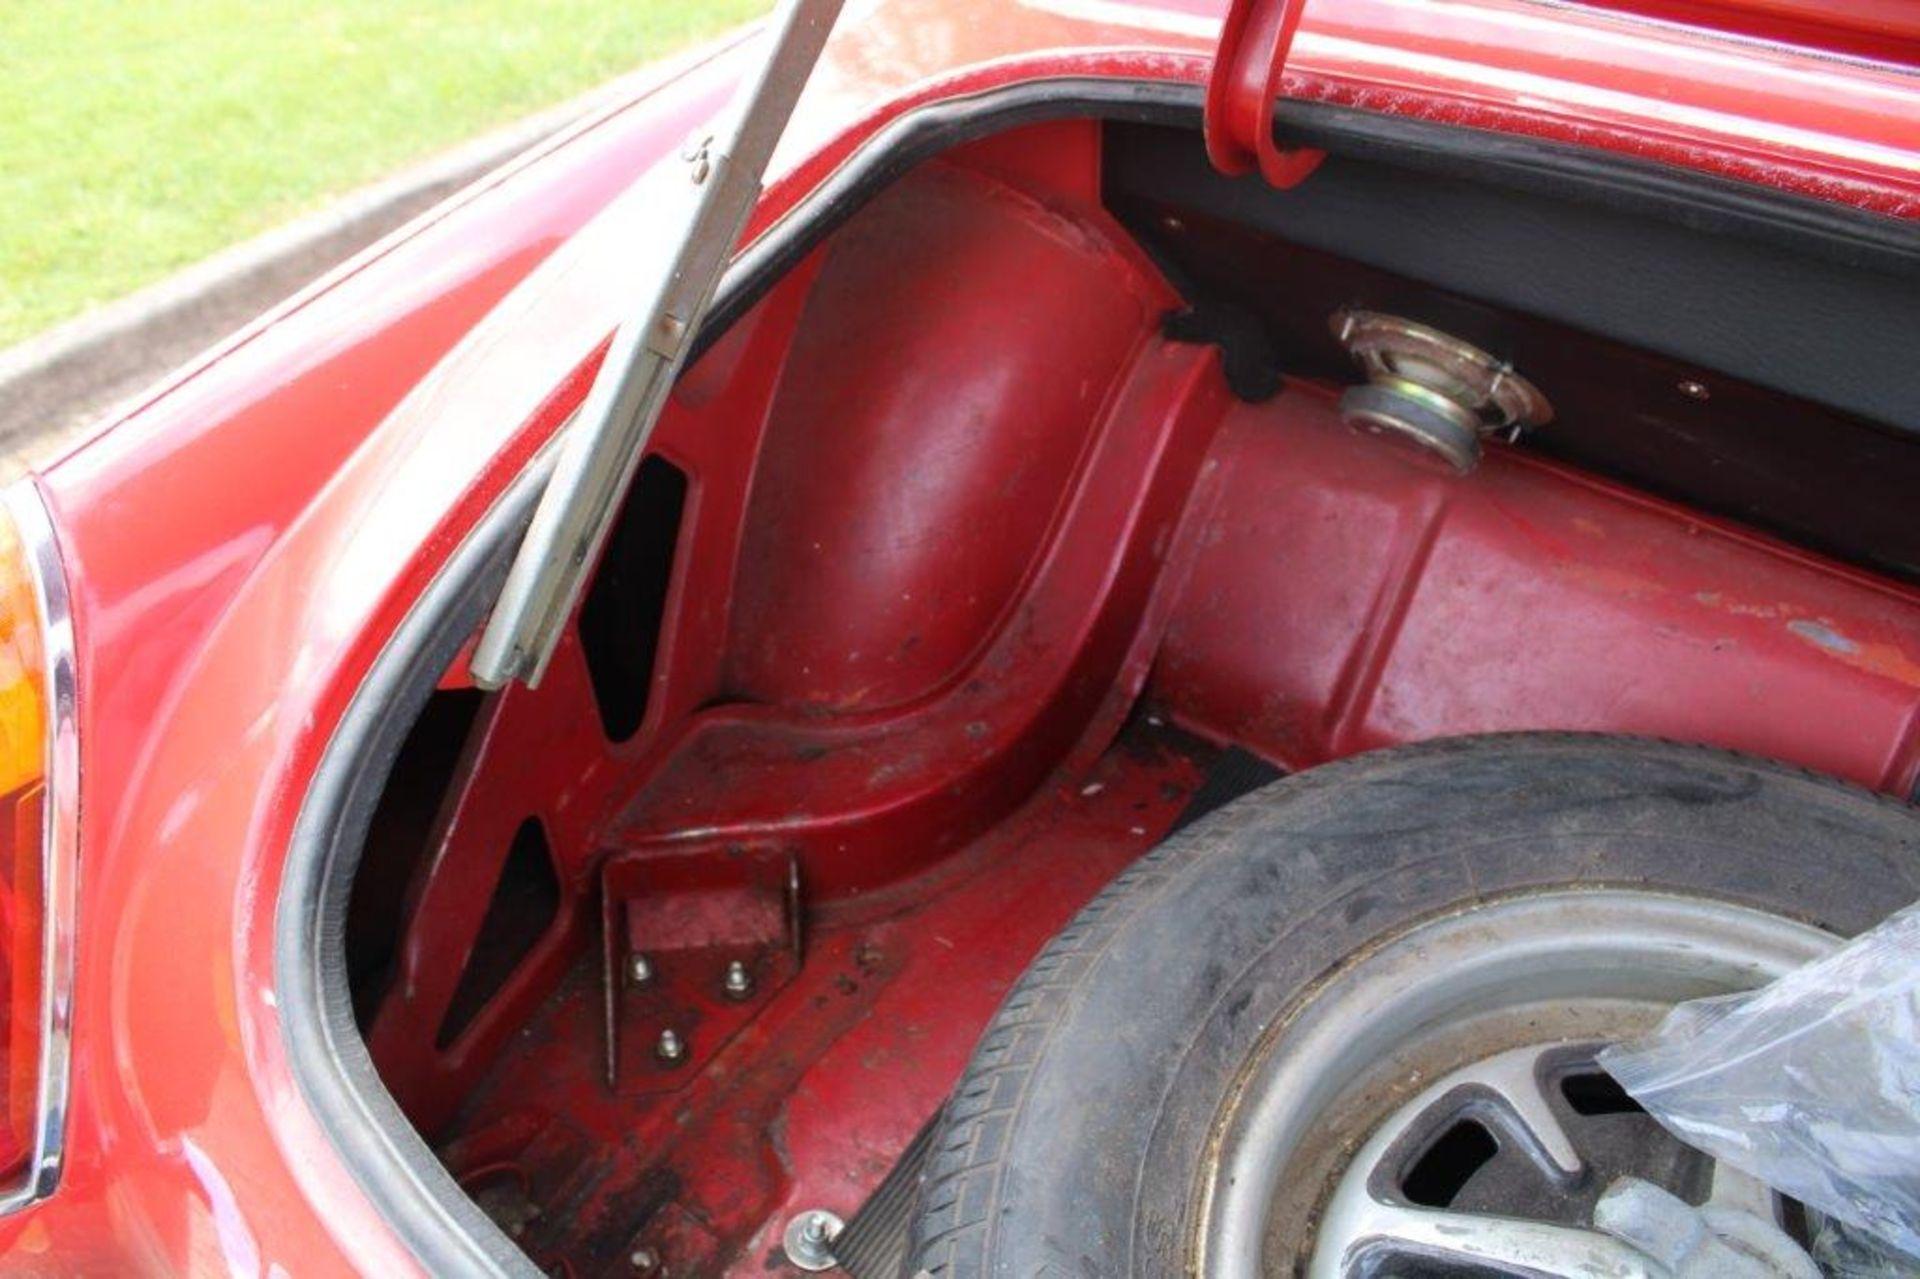 1973 MG Midget MK III - Image 21 of 25